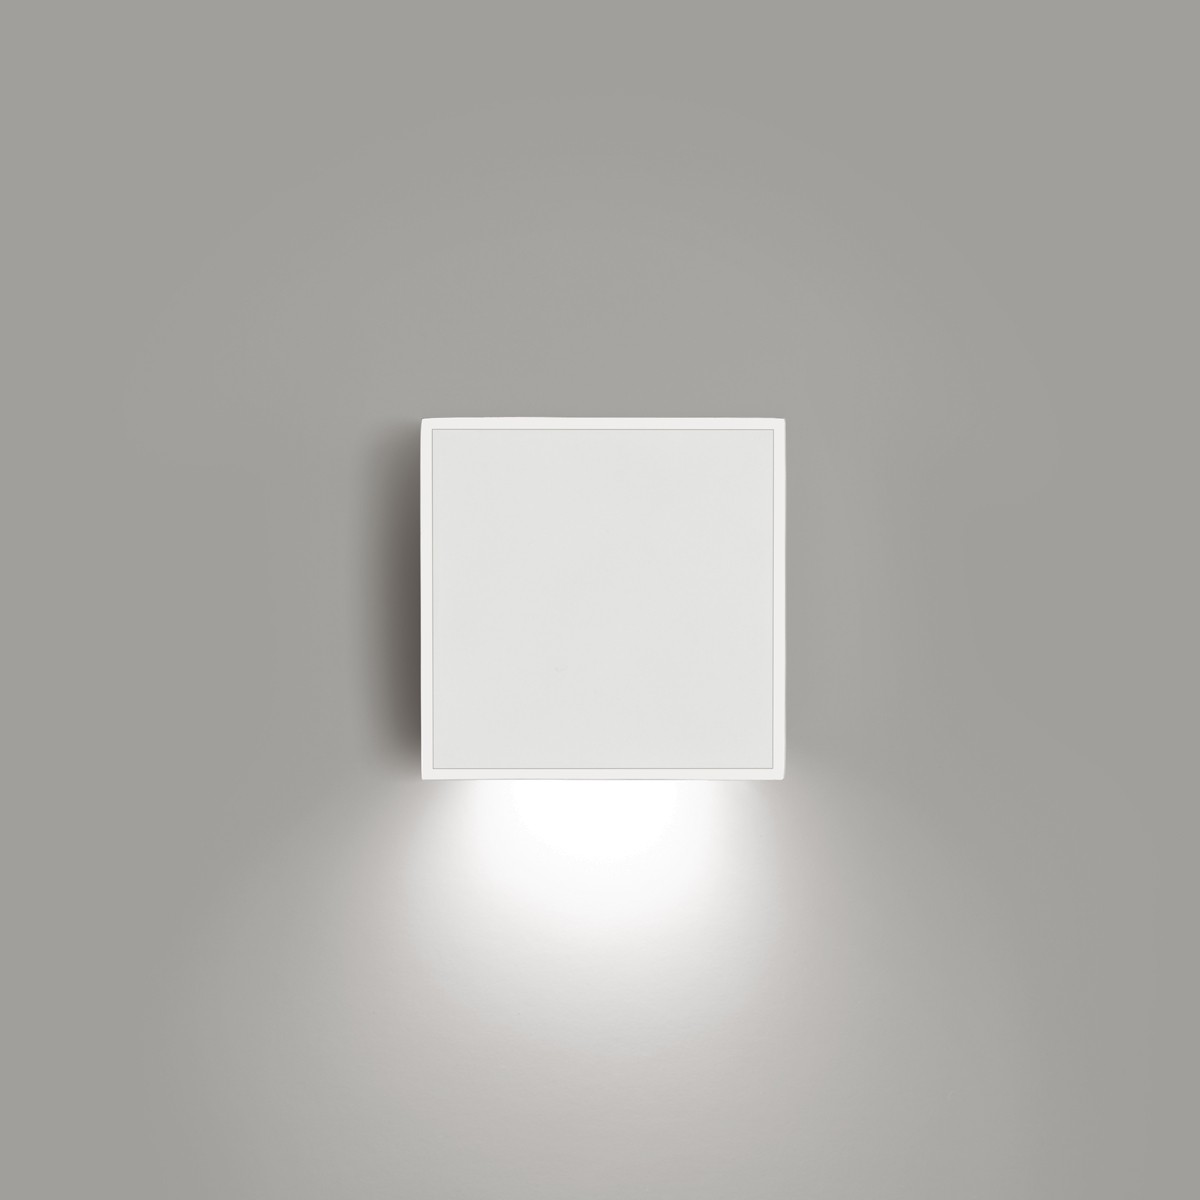 Vibia Alpha 7925 Wandleuchte, weiß matt, Front: weiß matt